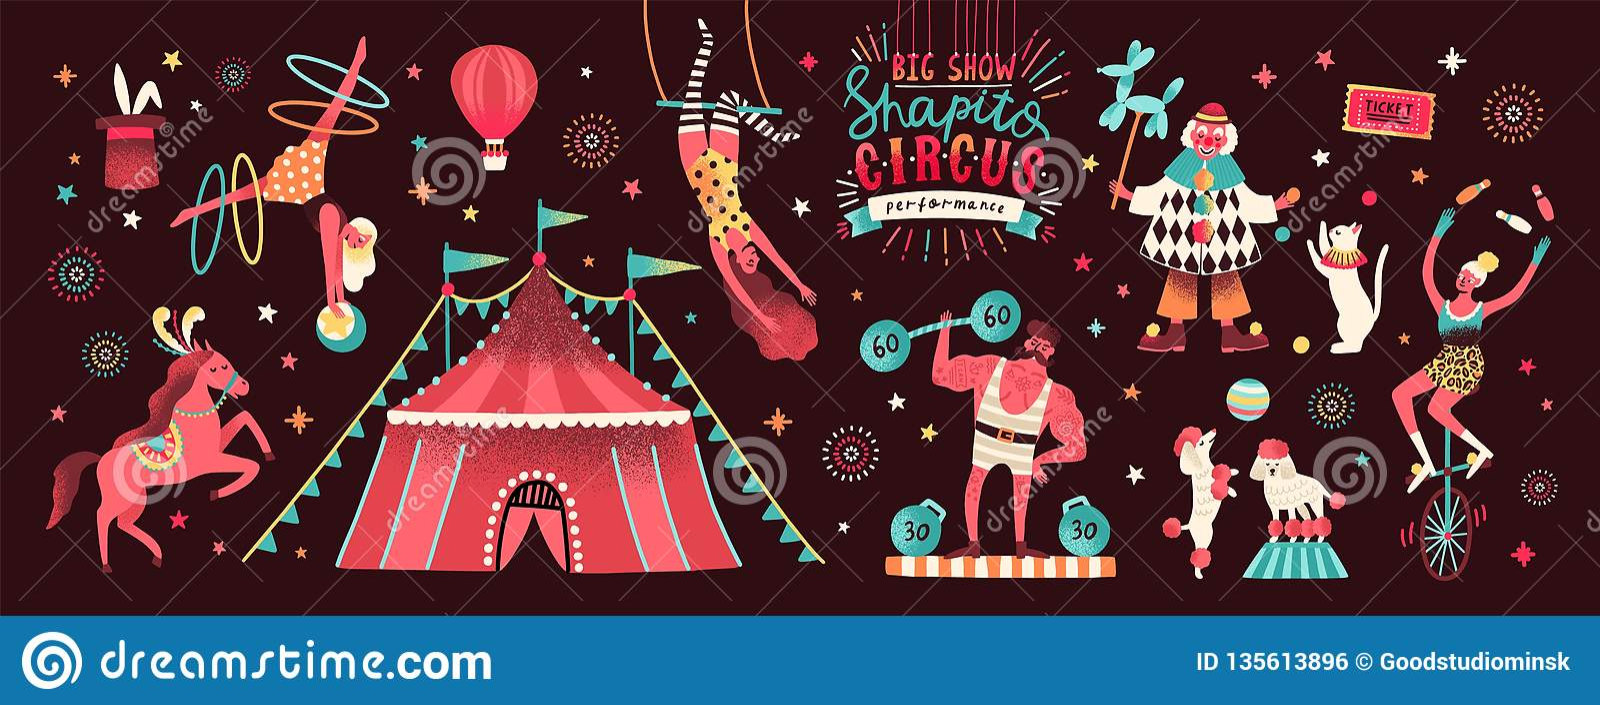 Colección de tienda de circo y de ejecutantes divertidos de la demostración - payaso, dictador, acróbatas, animales entrenados, a